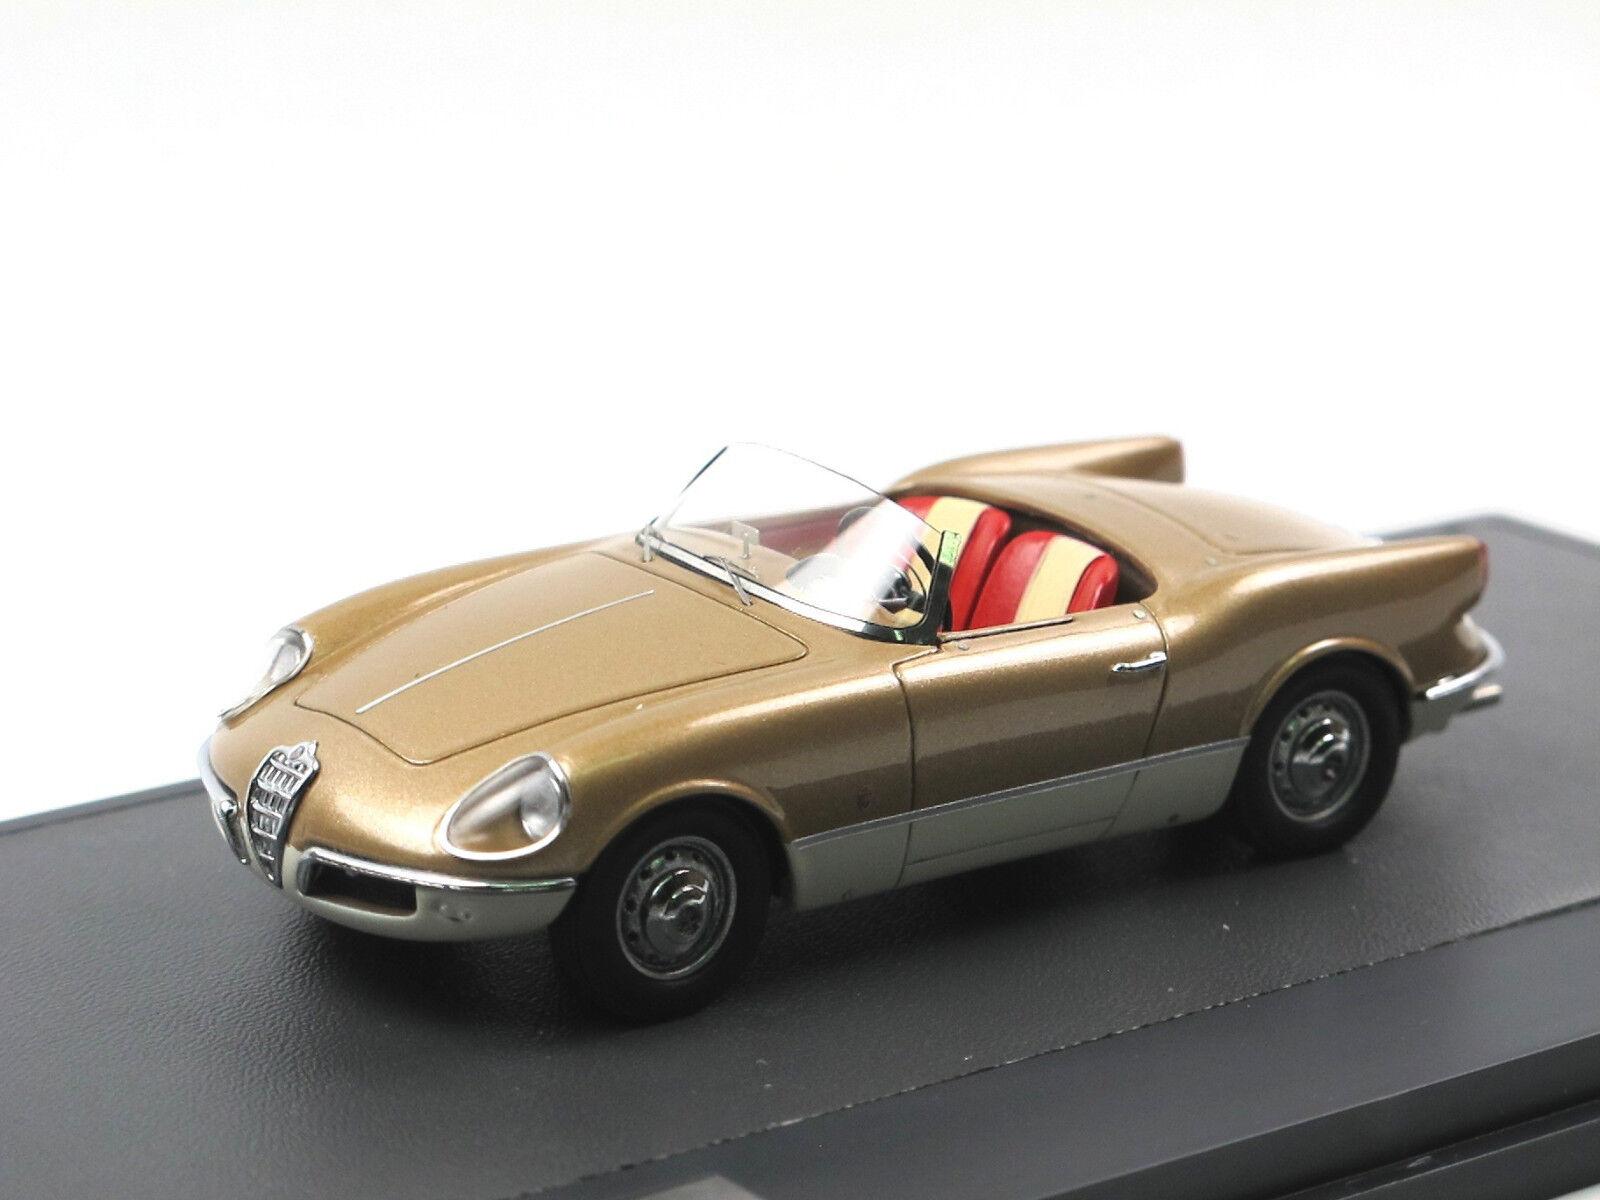 MATRIX SCALE MODELS - 1956 ALFA ROMEO GIULIETTA SPIDER BERTONE Prougeotipo 1 43